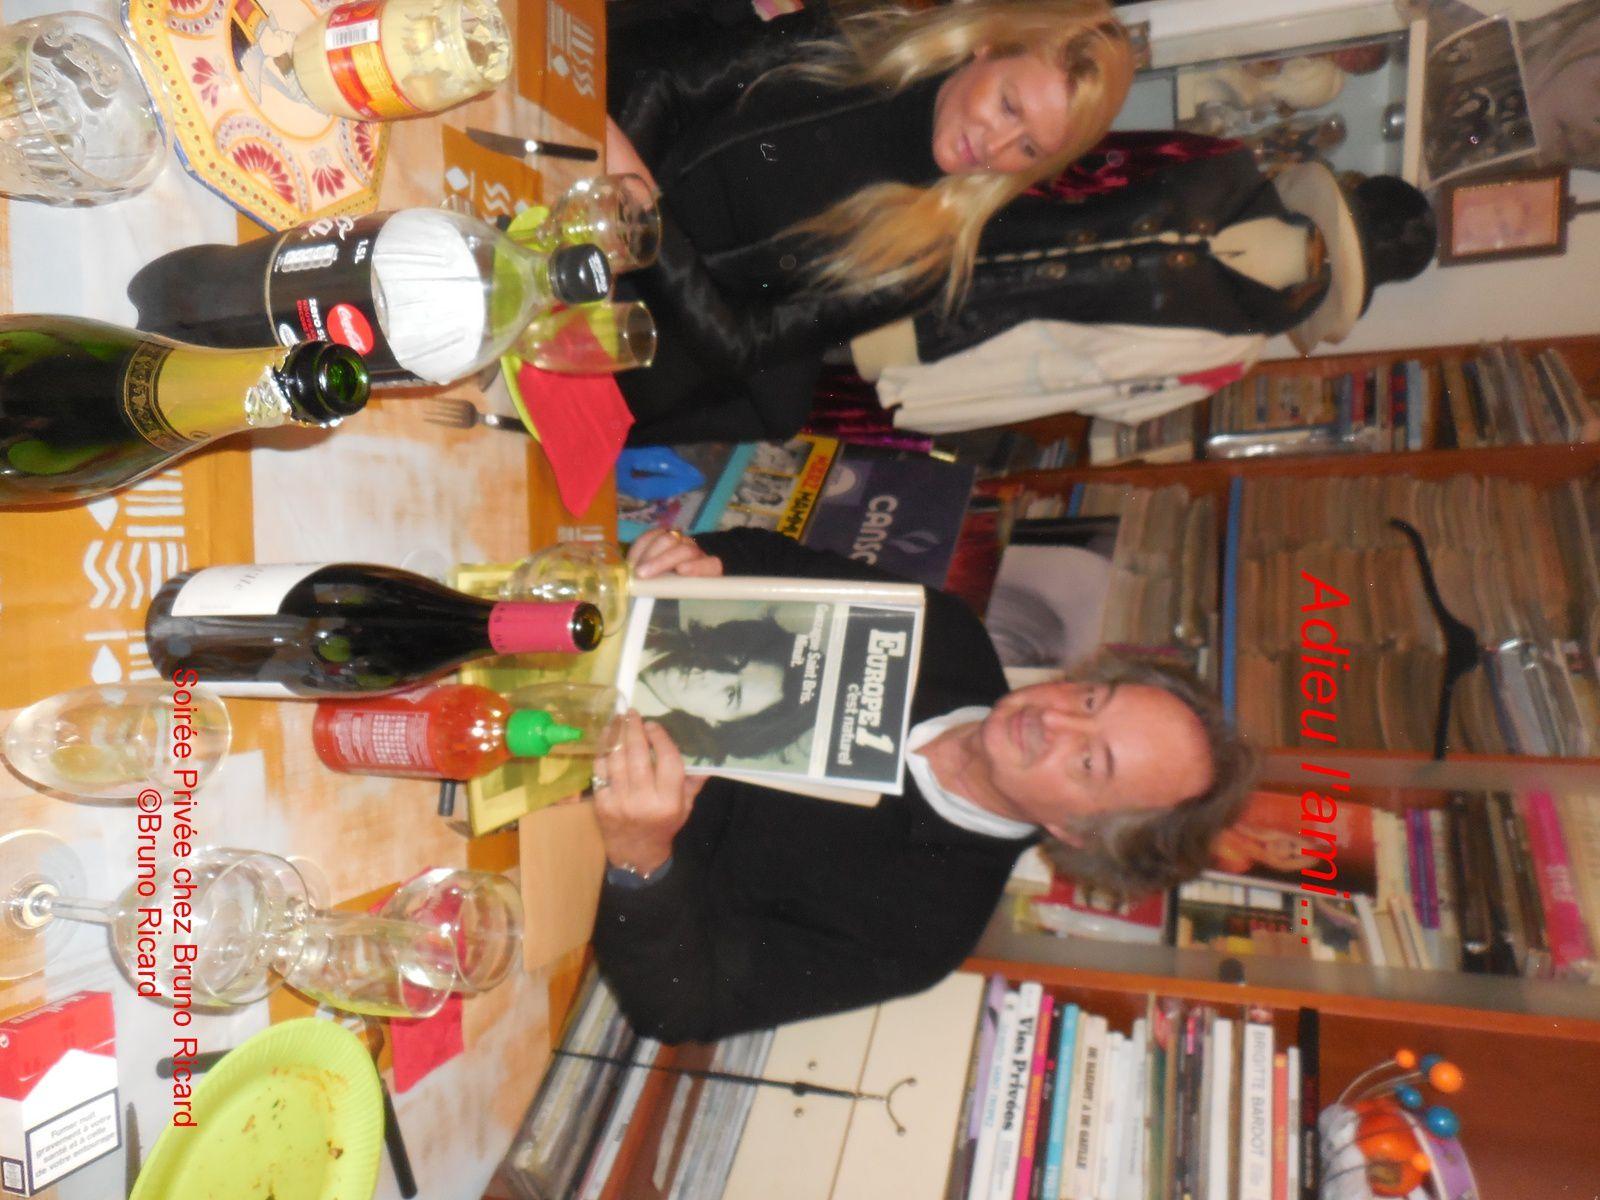 Gonzague à la maison avec sa compagne lors d'un diner entre amis...